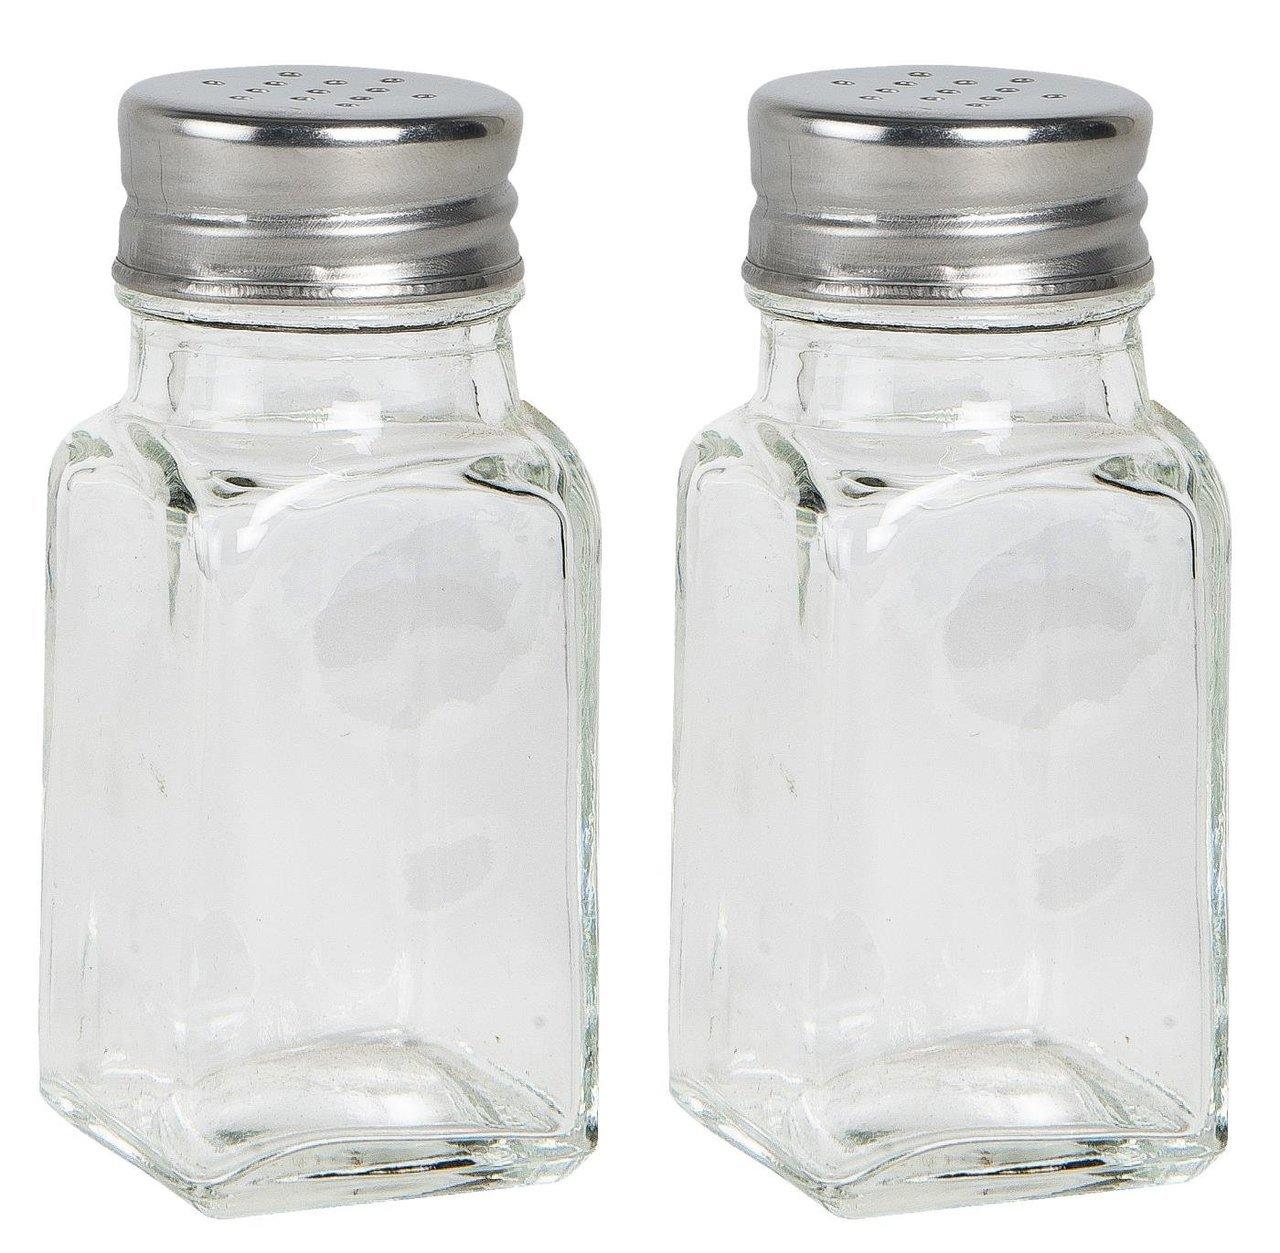 Ib Laursen Salz und Pfefferstreuer Set Glas